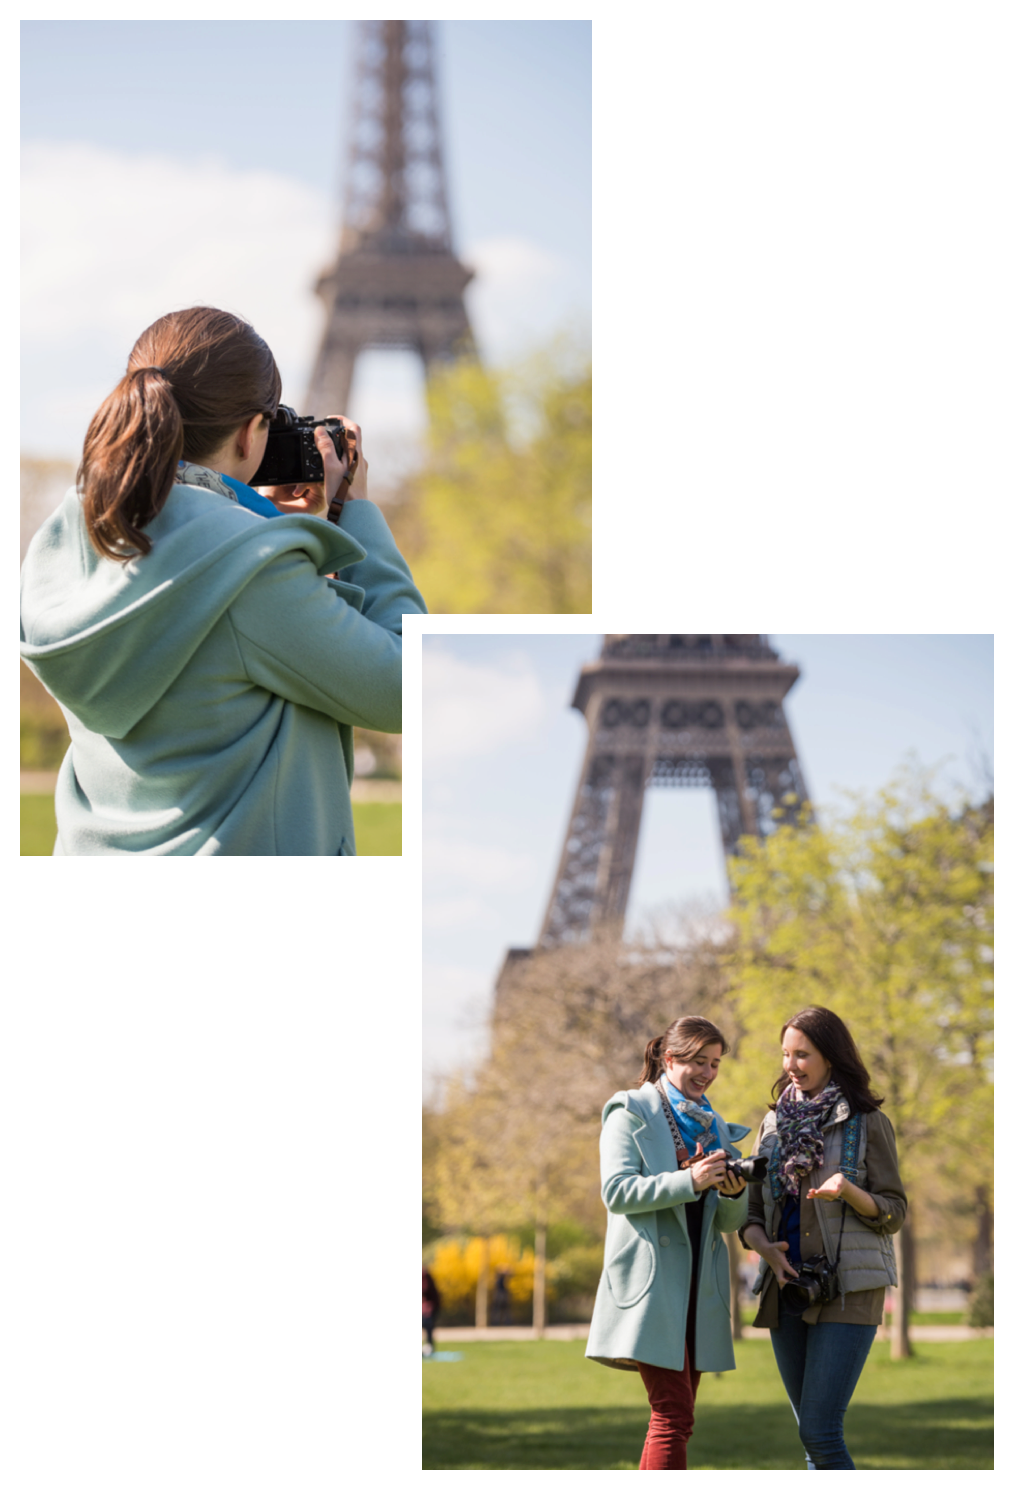 Paris Photo Tours Details